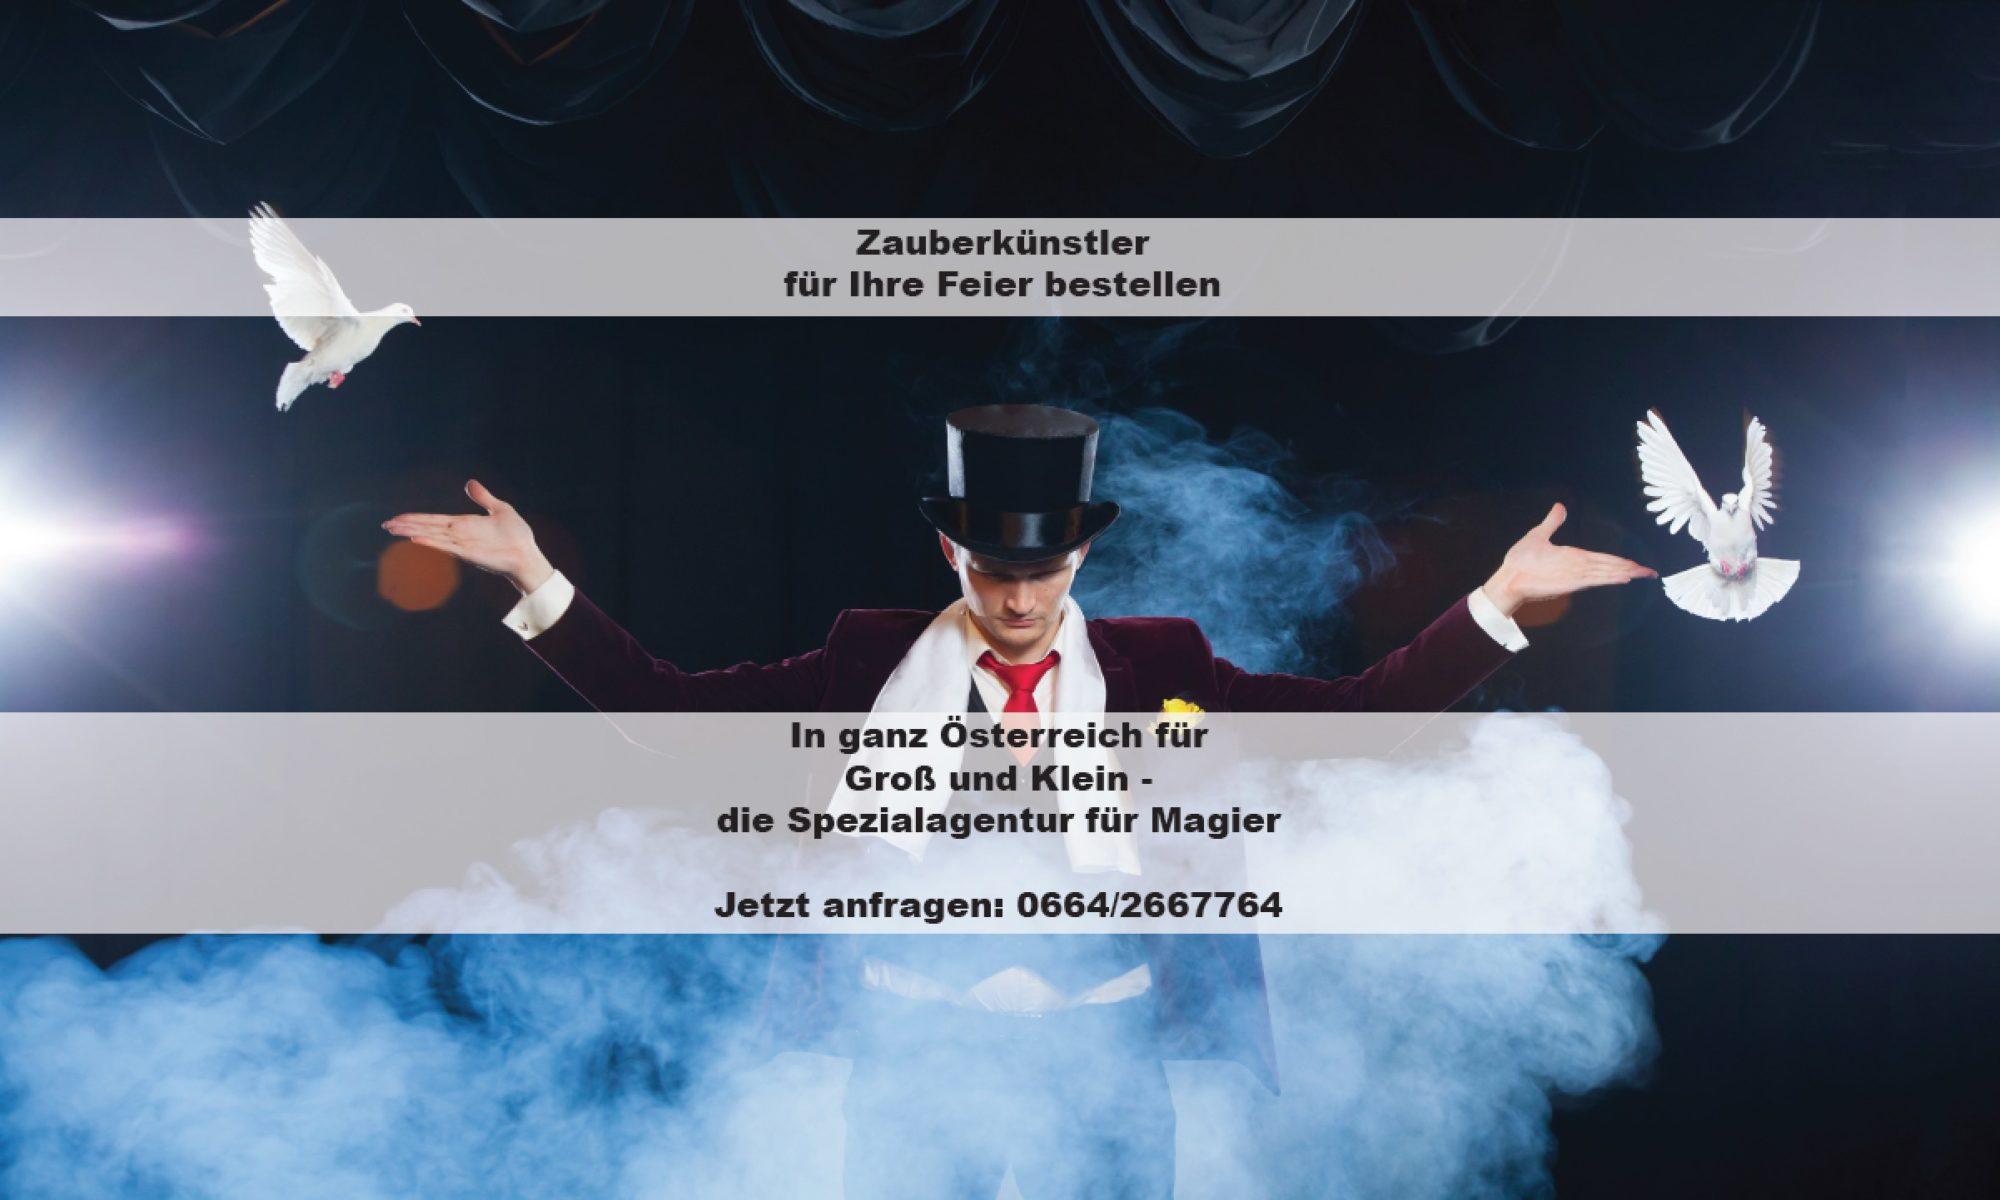 Zauberer für Ihre Feier bestellen, Zauberei Wien, Zauberer mieten, Zaubern lernen, Zauberschule, Magier, Zauberer wien, zauberer linz, Zaubershow graz, Zaubershow salzburg,, Zaubershow Kindergeburtstag, Tischzauberer Hochzeit, Zaubershow Weihnachtsfeier